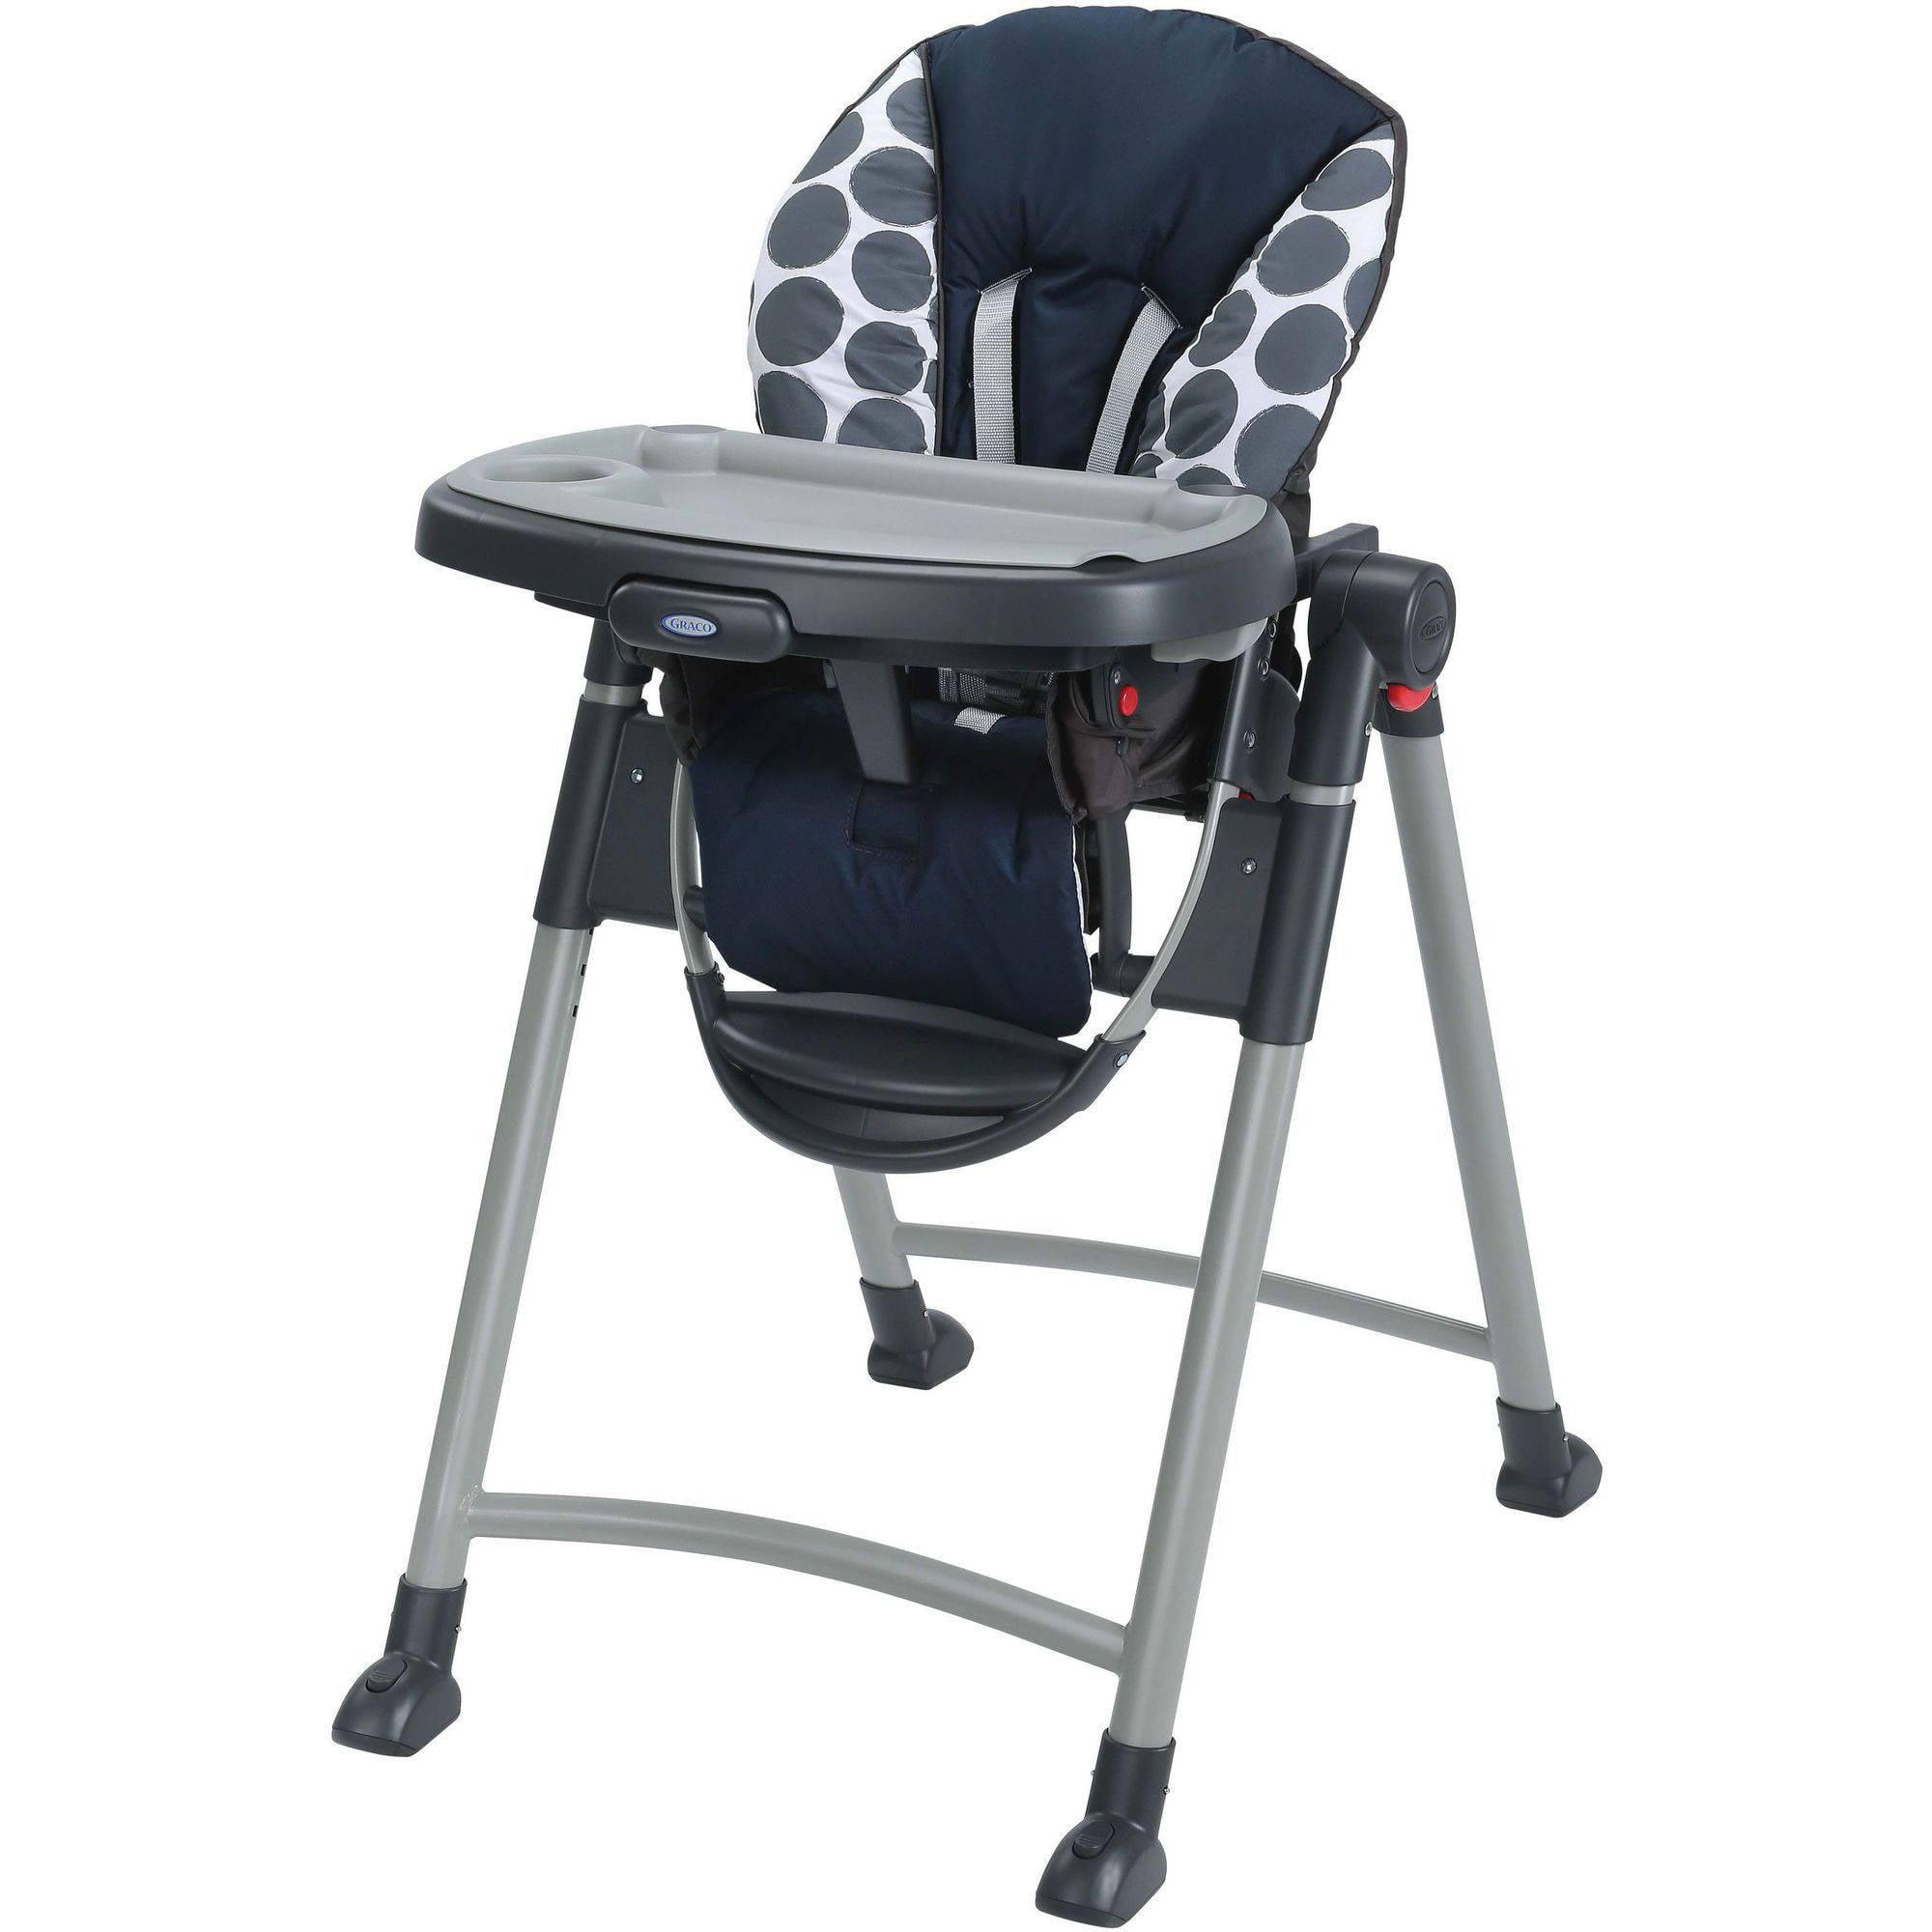 Graco Contempo High Chair Walmart